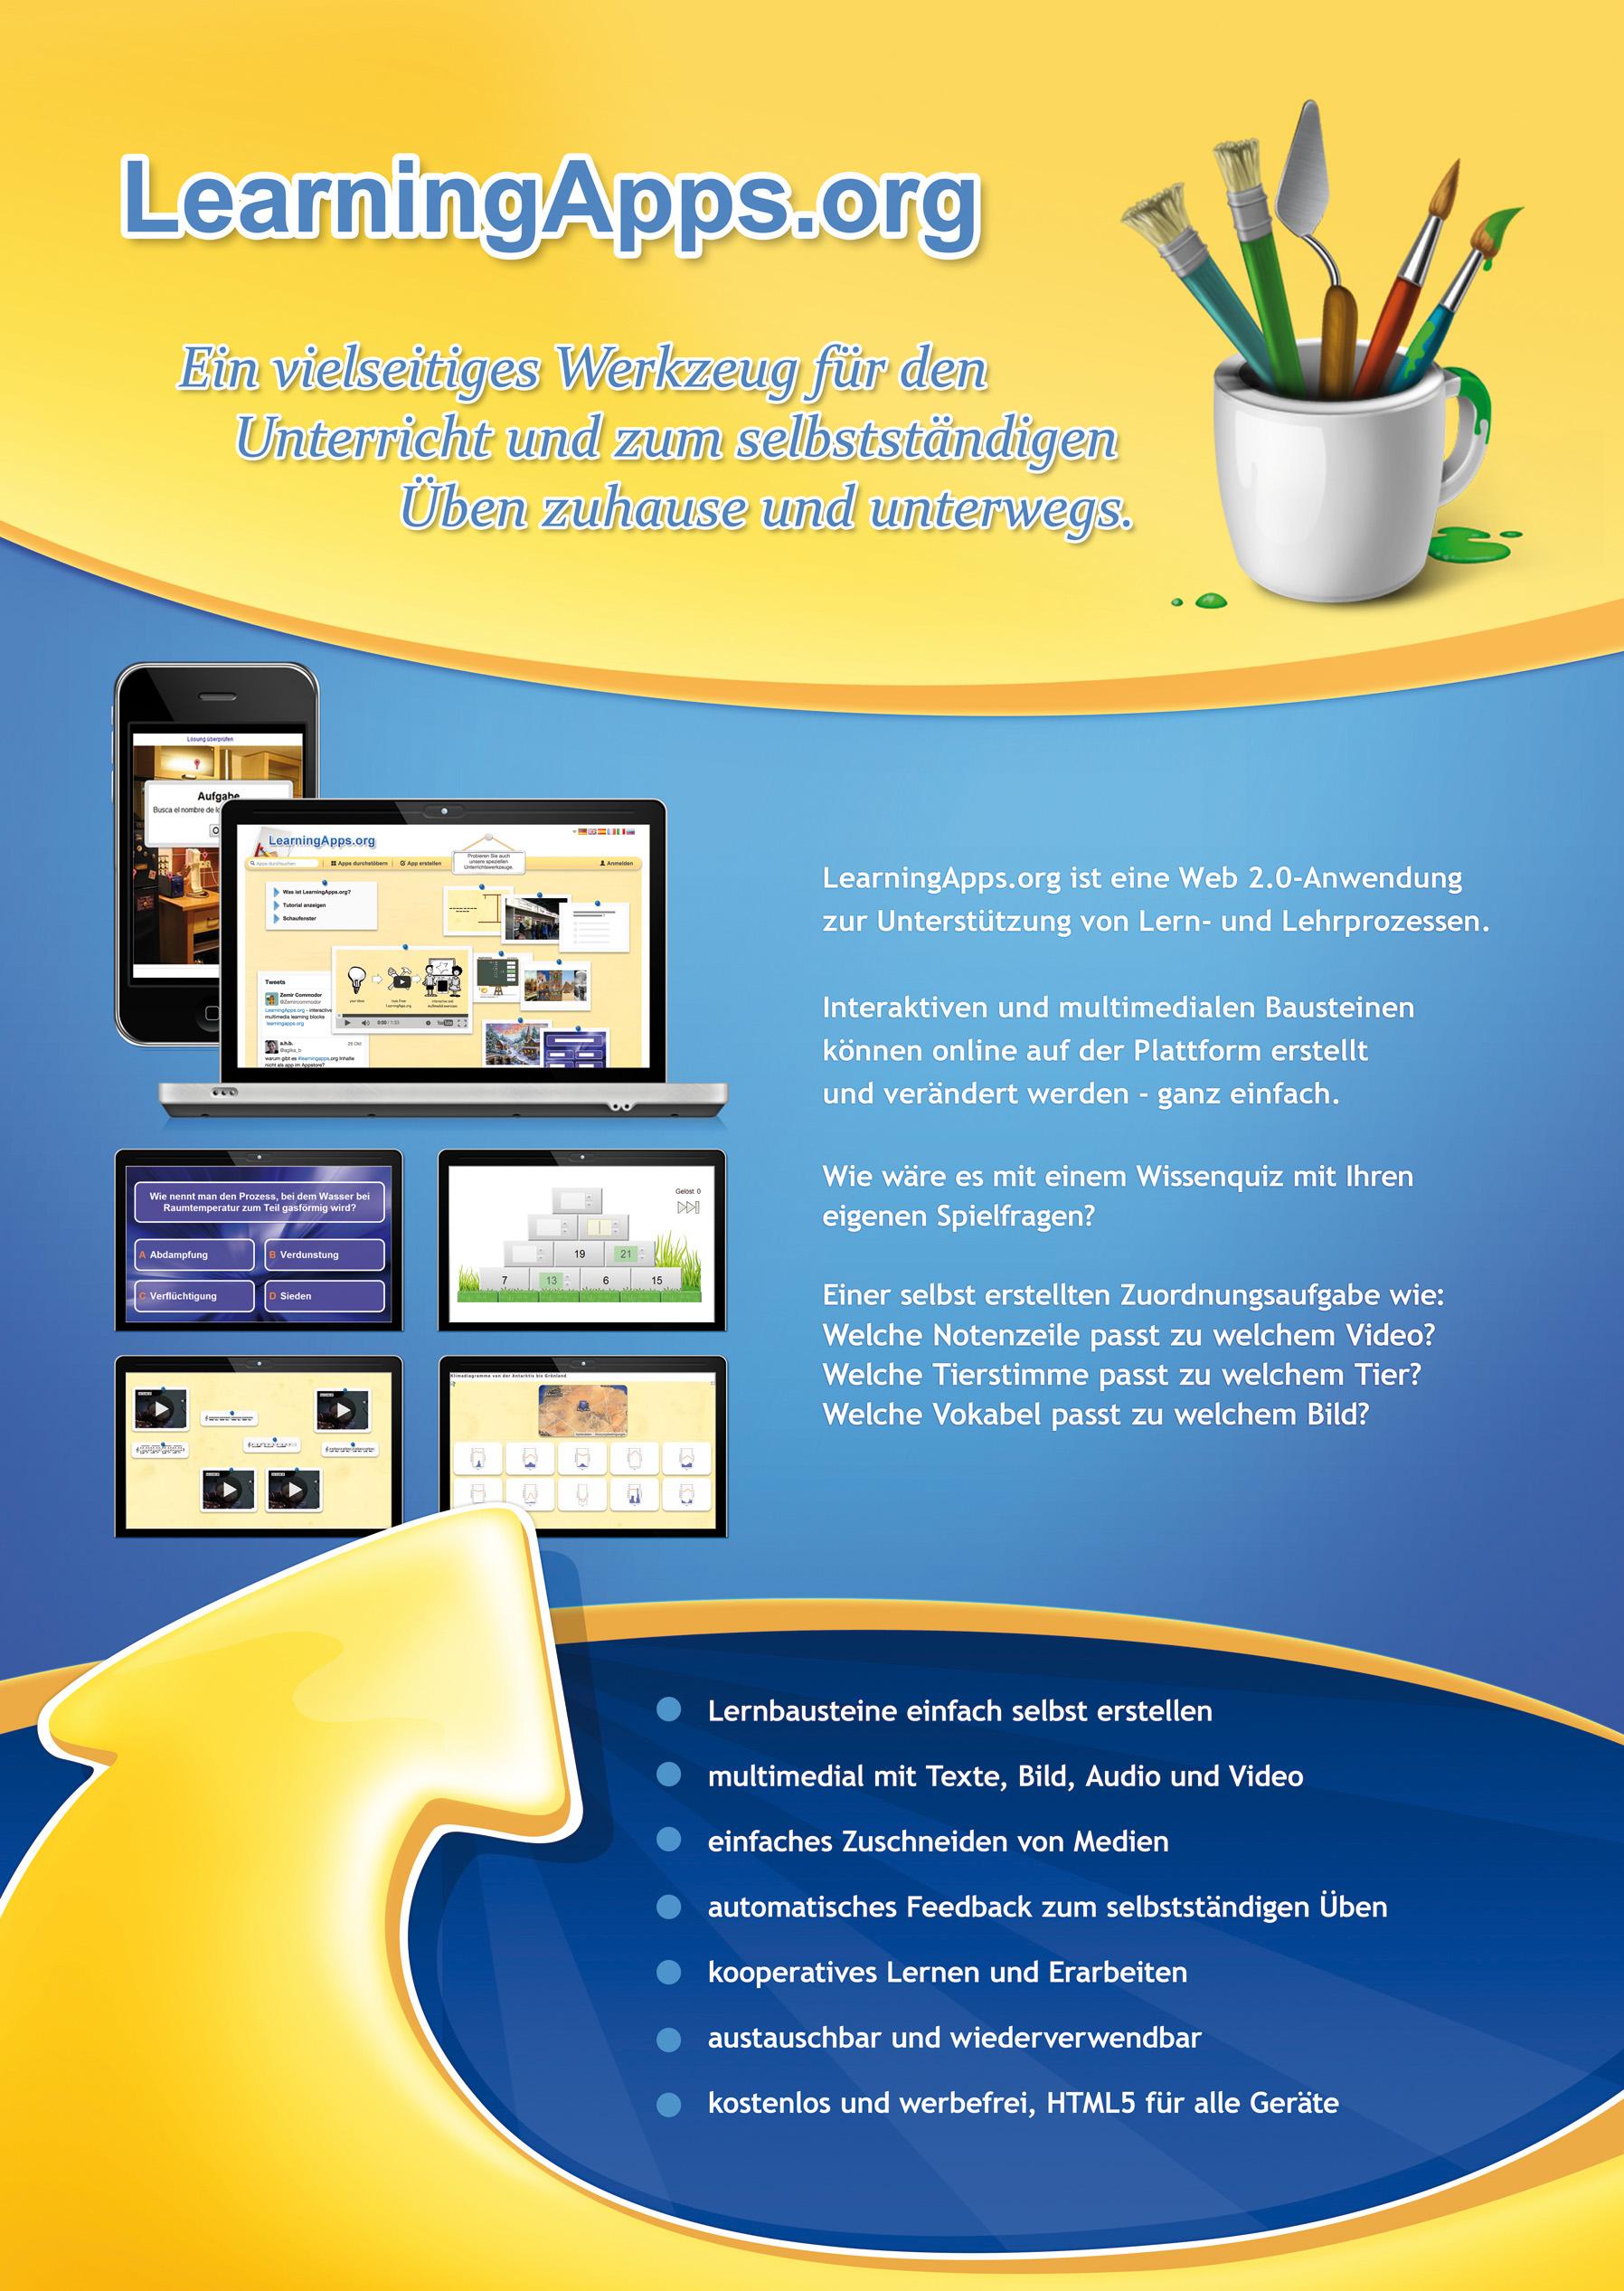 Learningapps cs go videodefaults txt